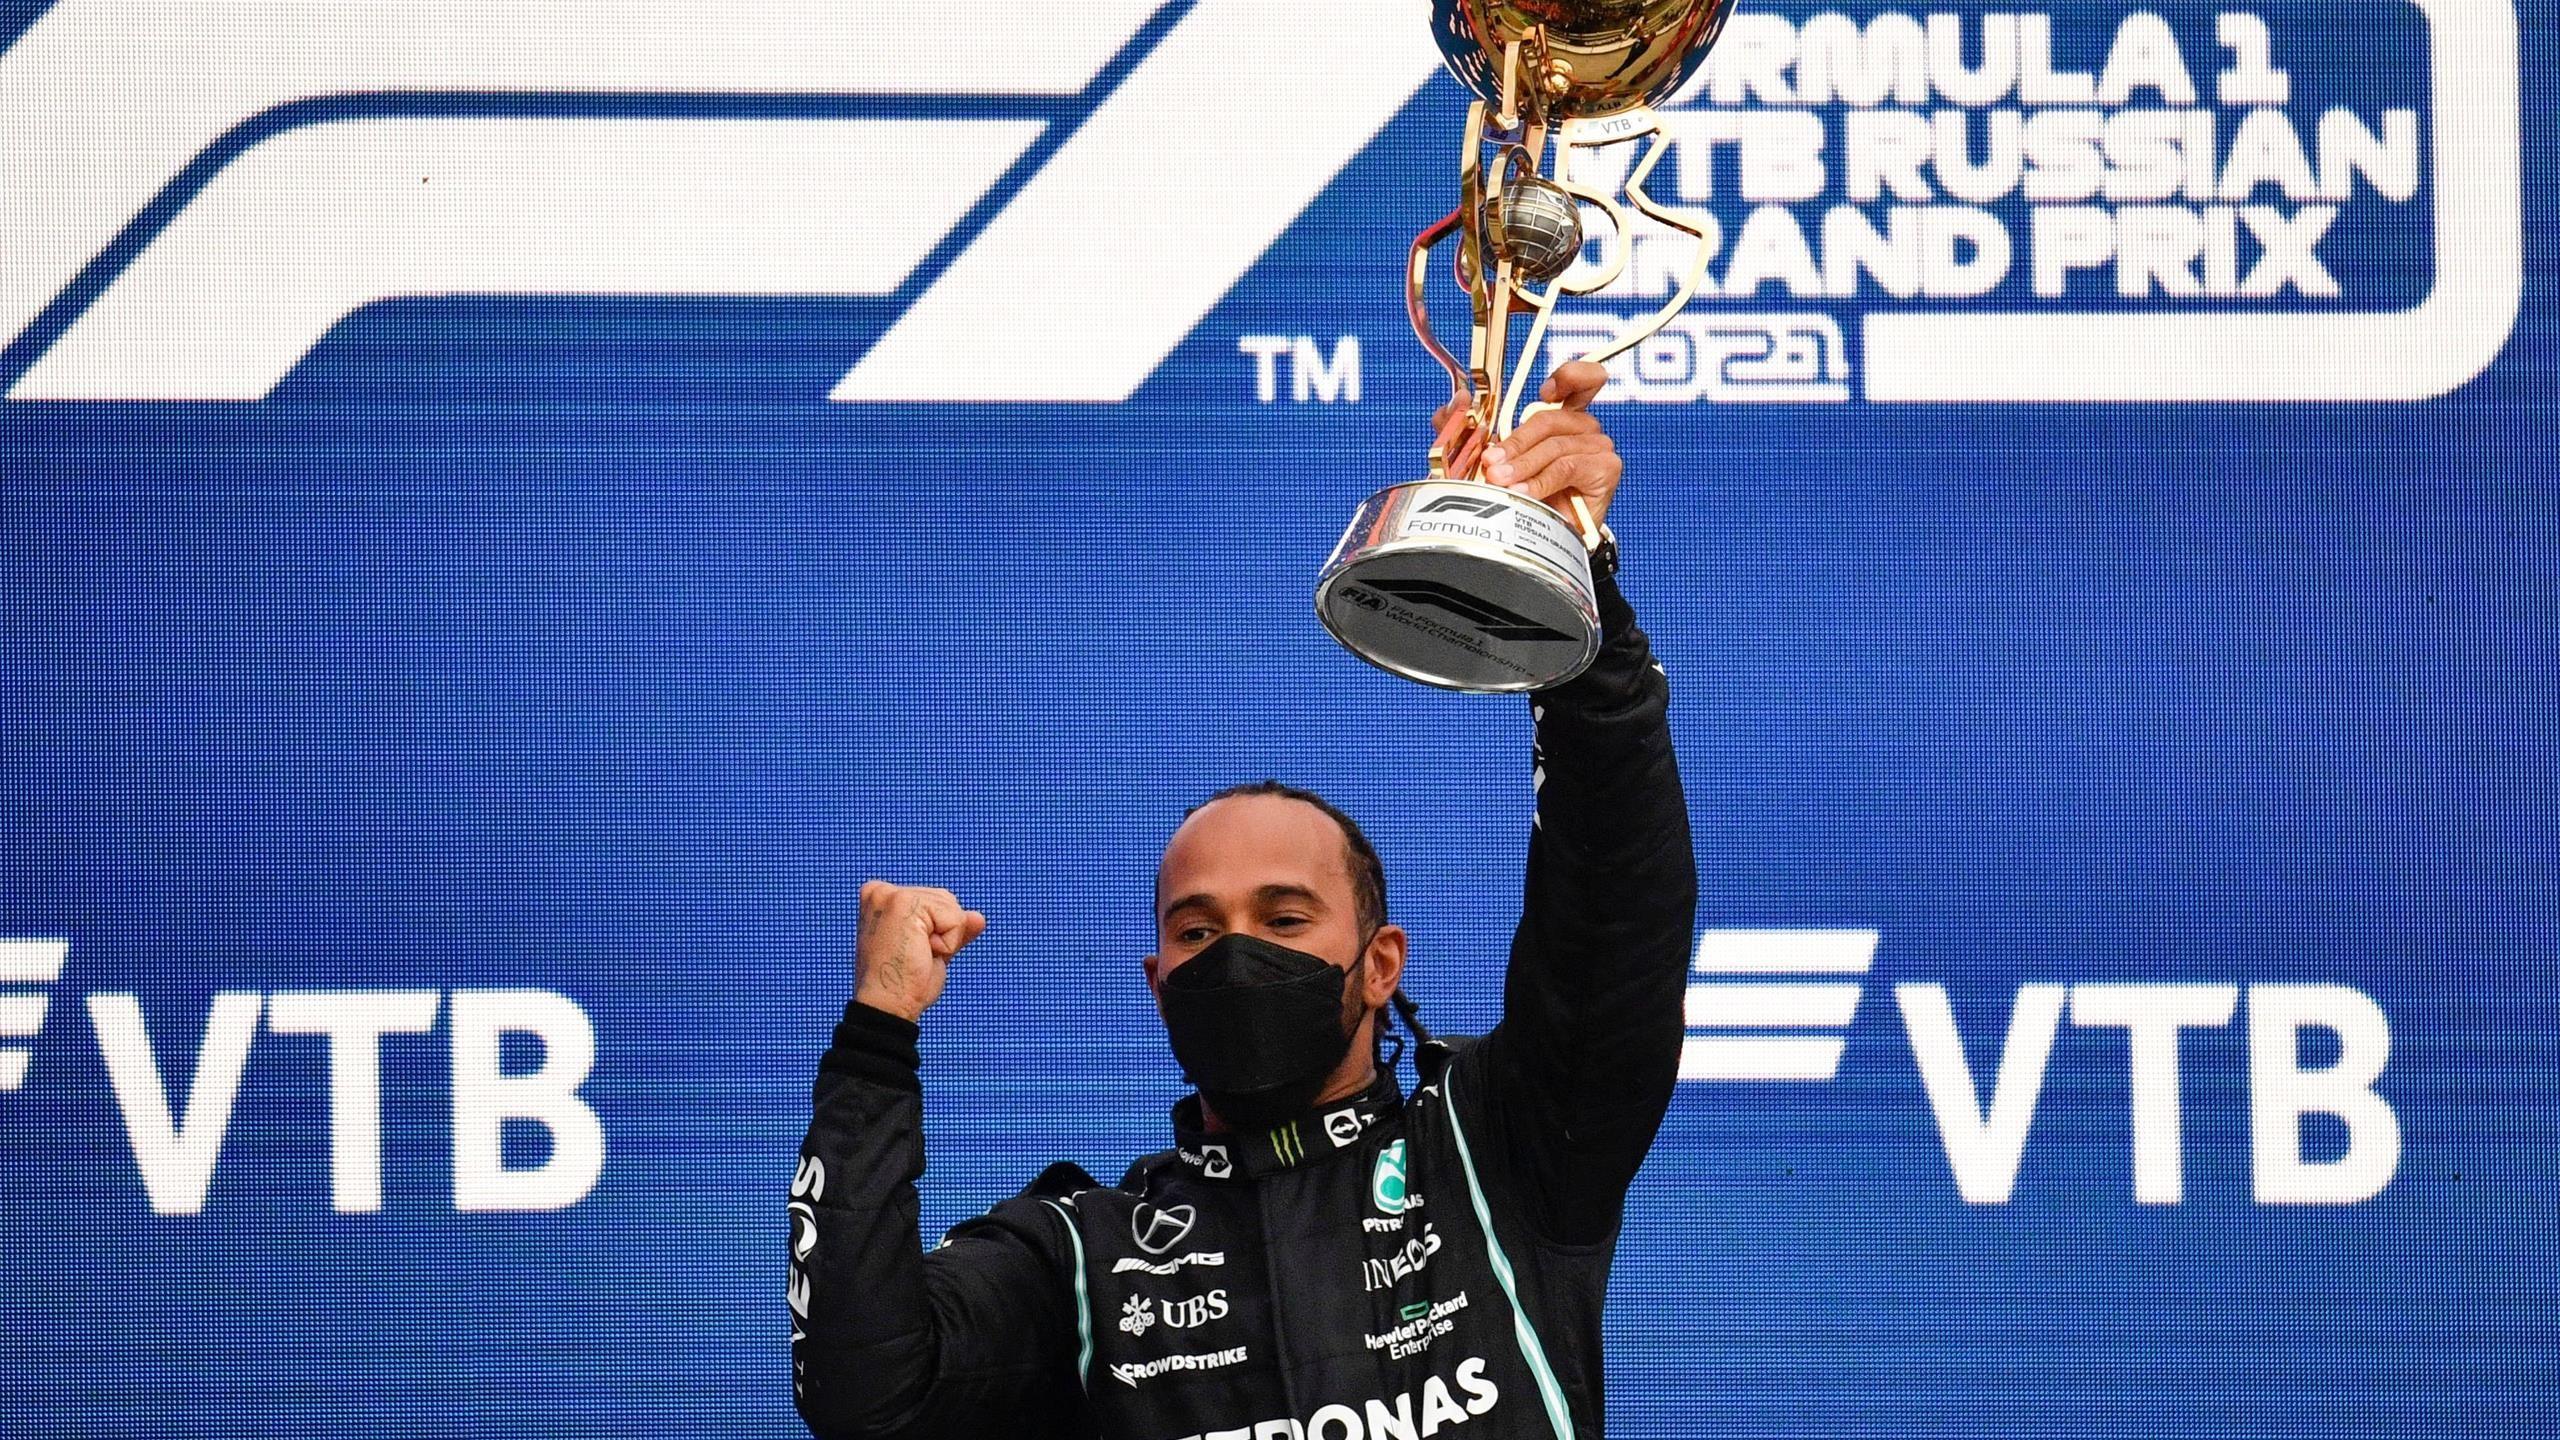 Britains Hamilton Wins Formula 1 Russian Grand Prix